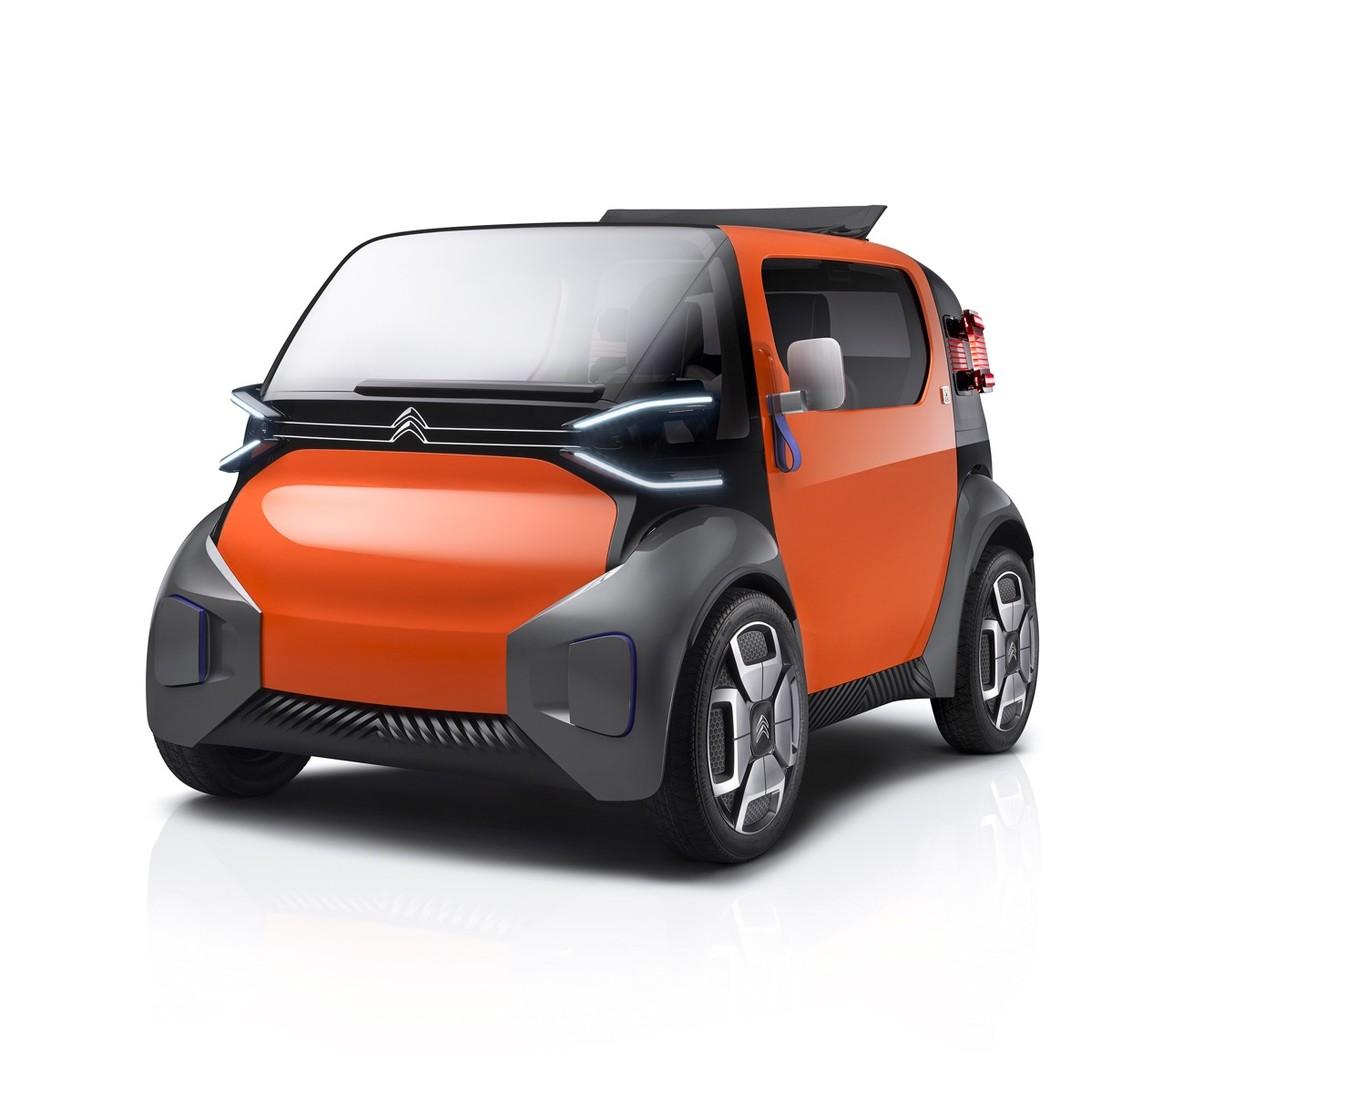 Citroën Ami One Concept: Eléctrico urbano que no necesita permiso de conducir